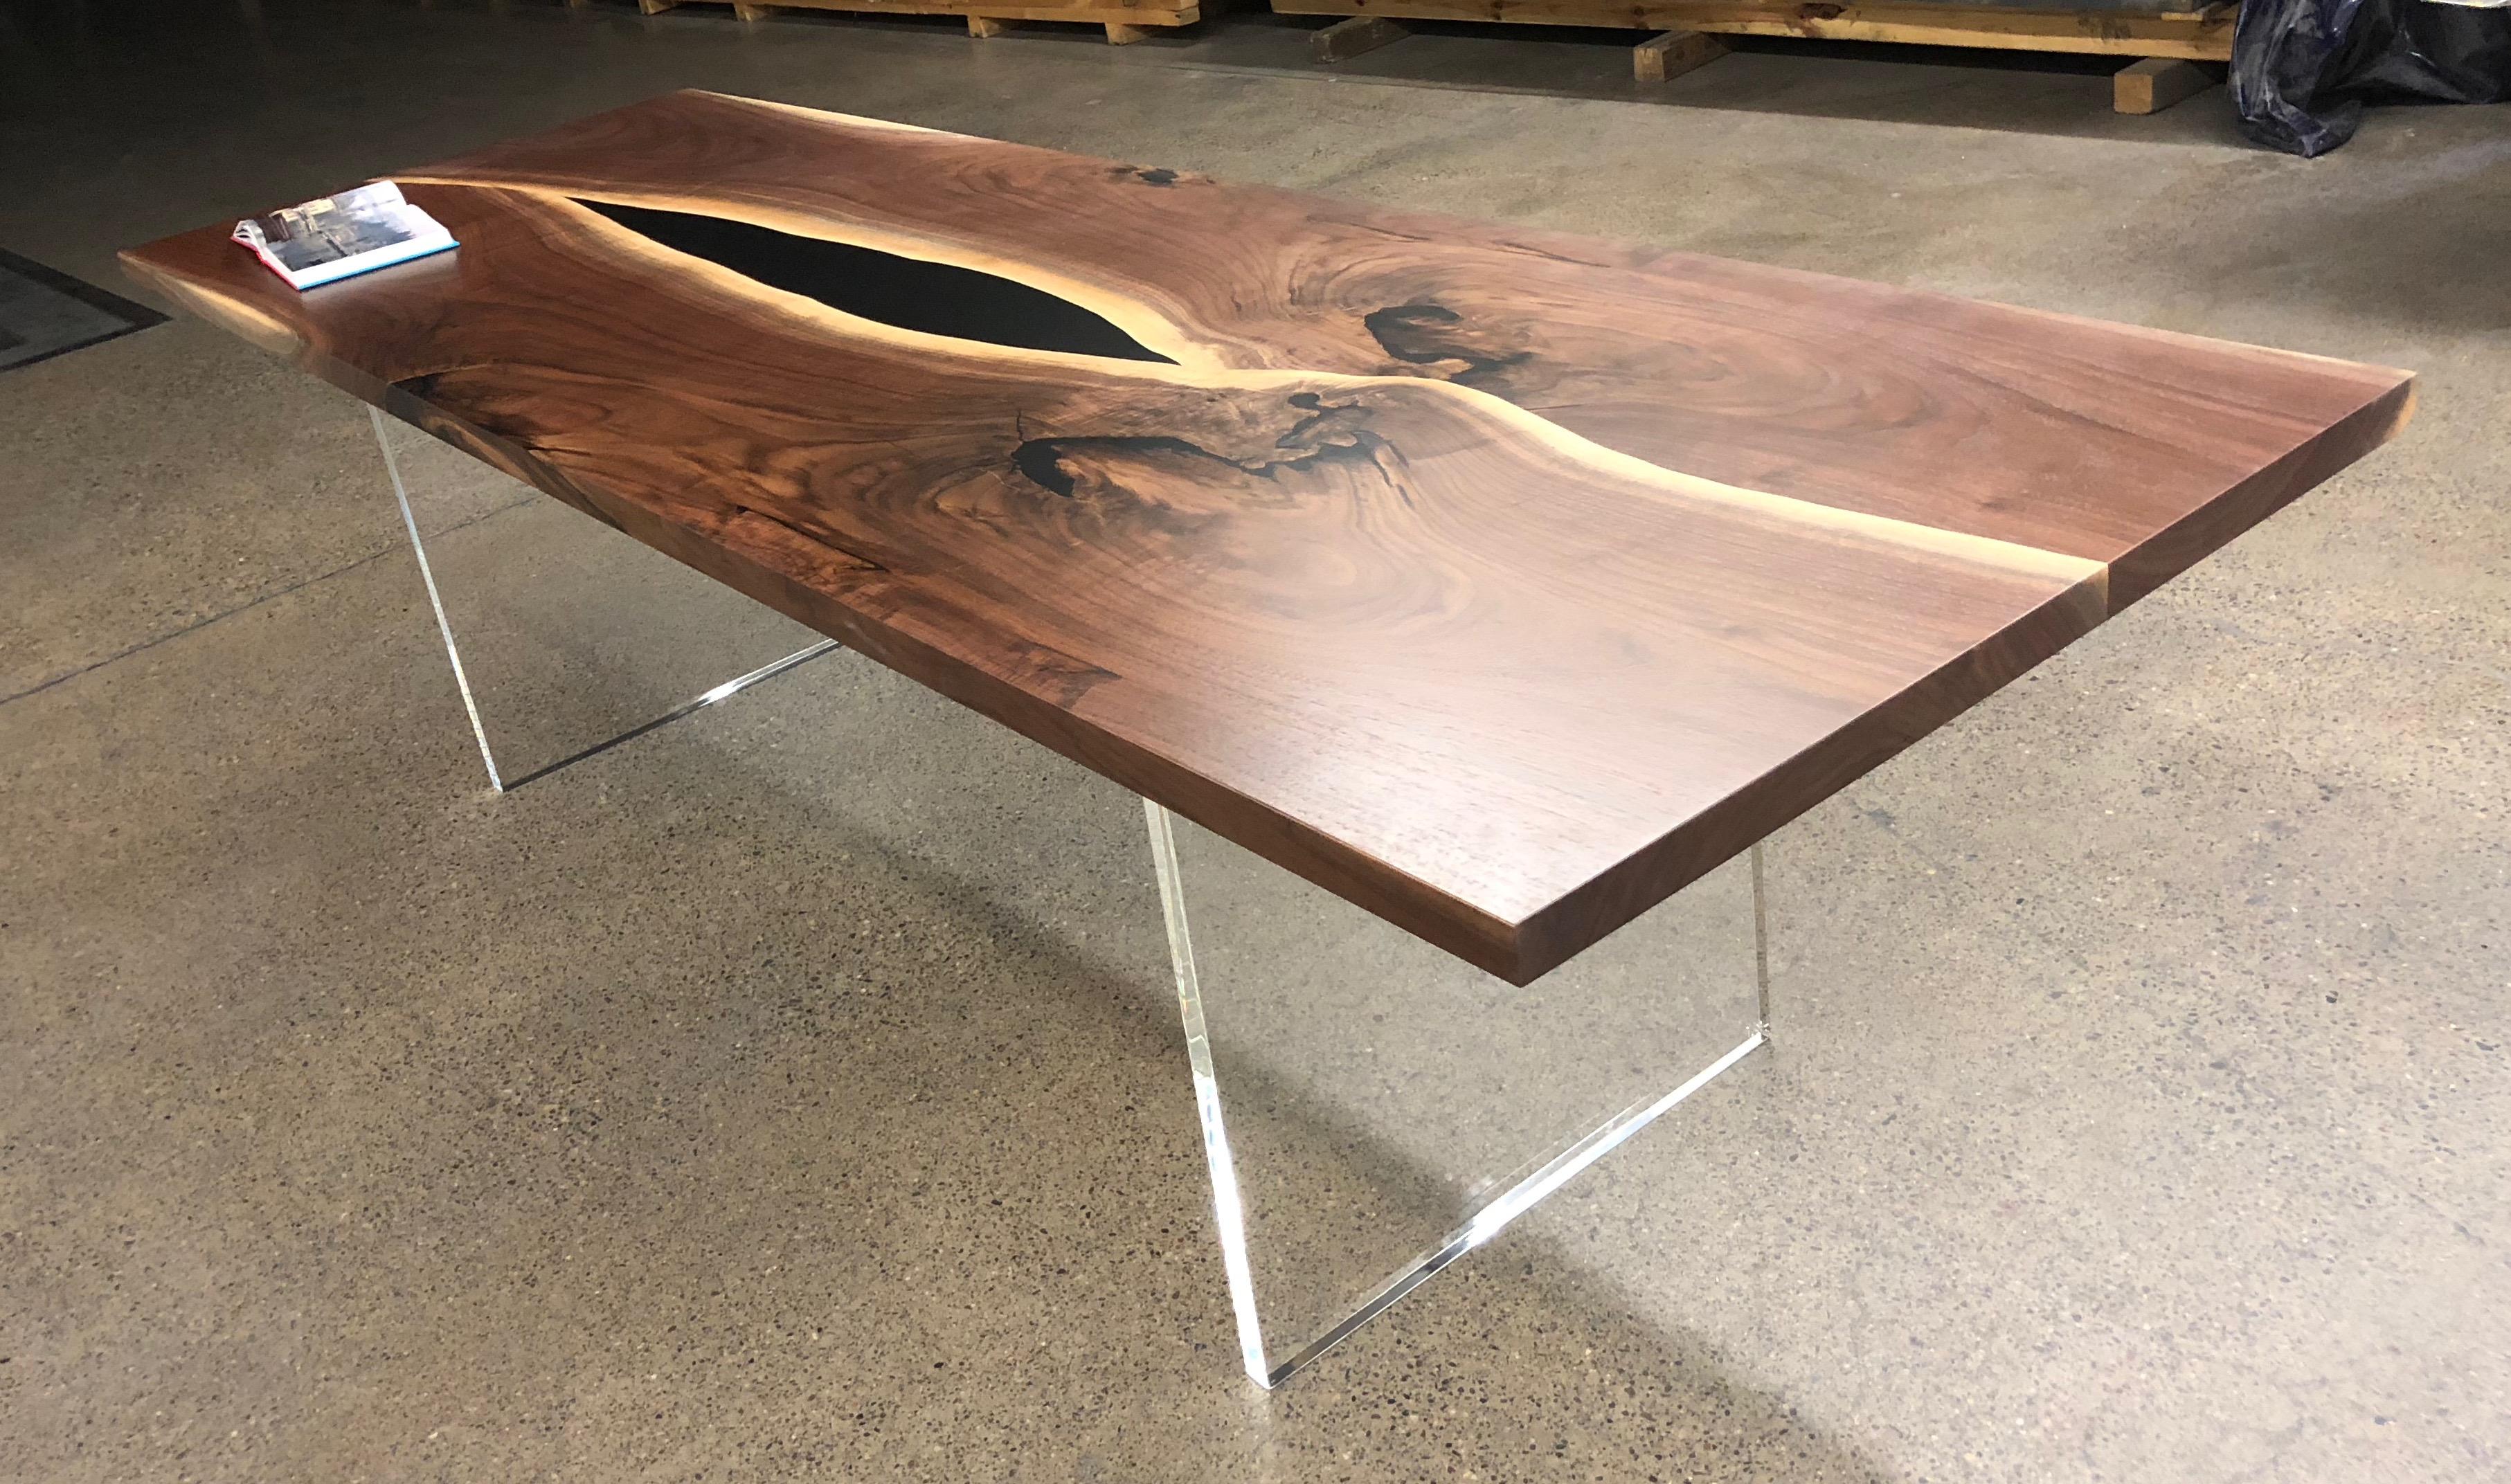 Walnut Yin Yang Dining Table Bjorling Grant